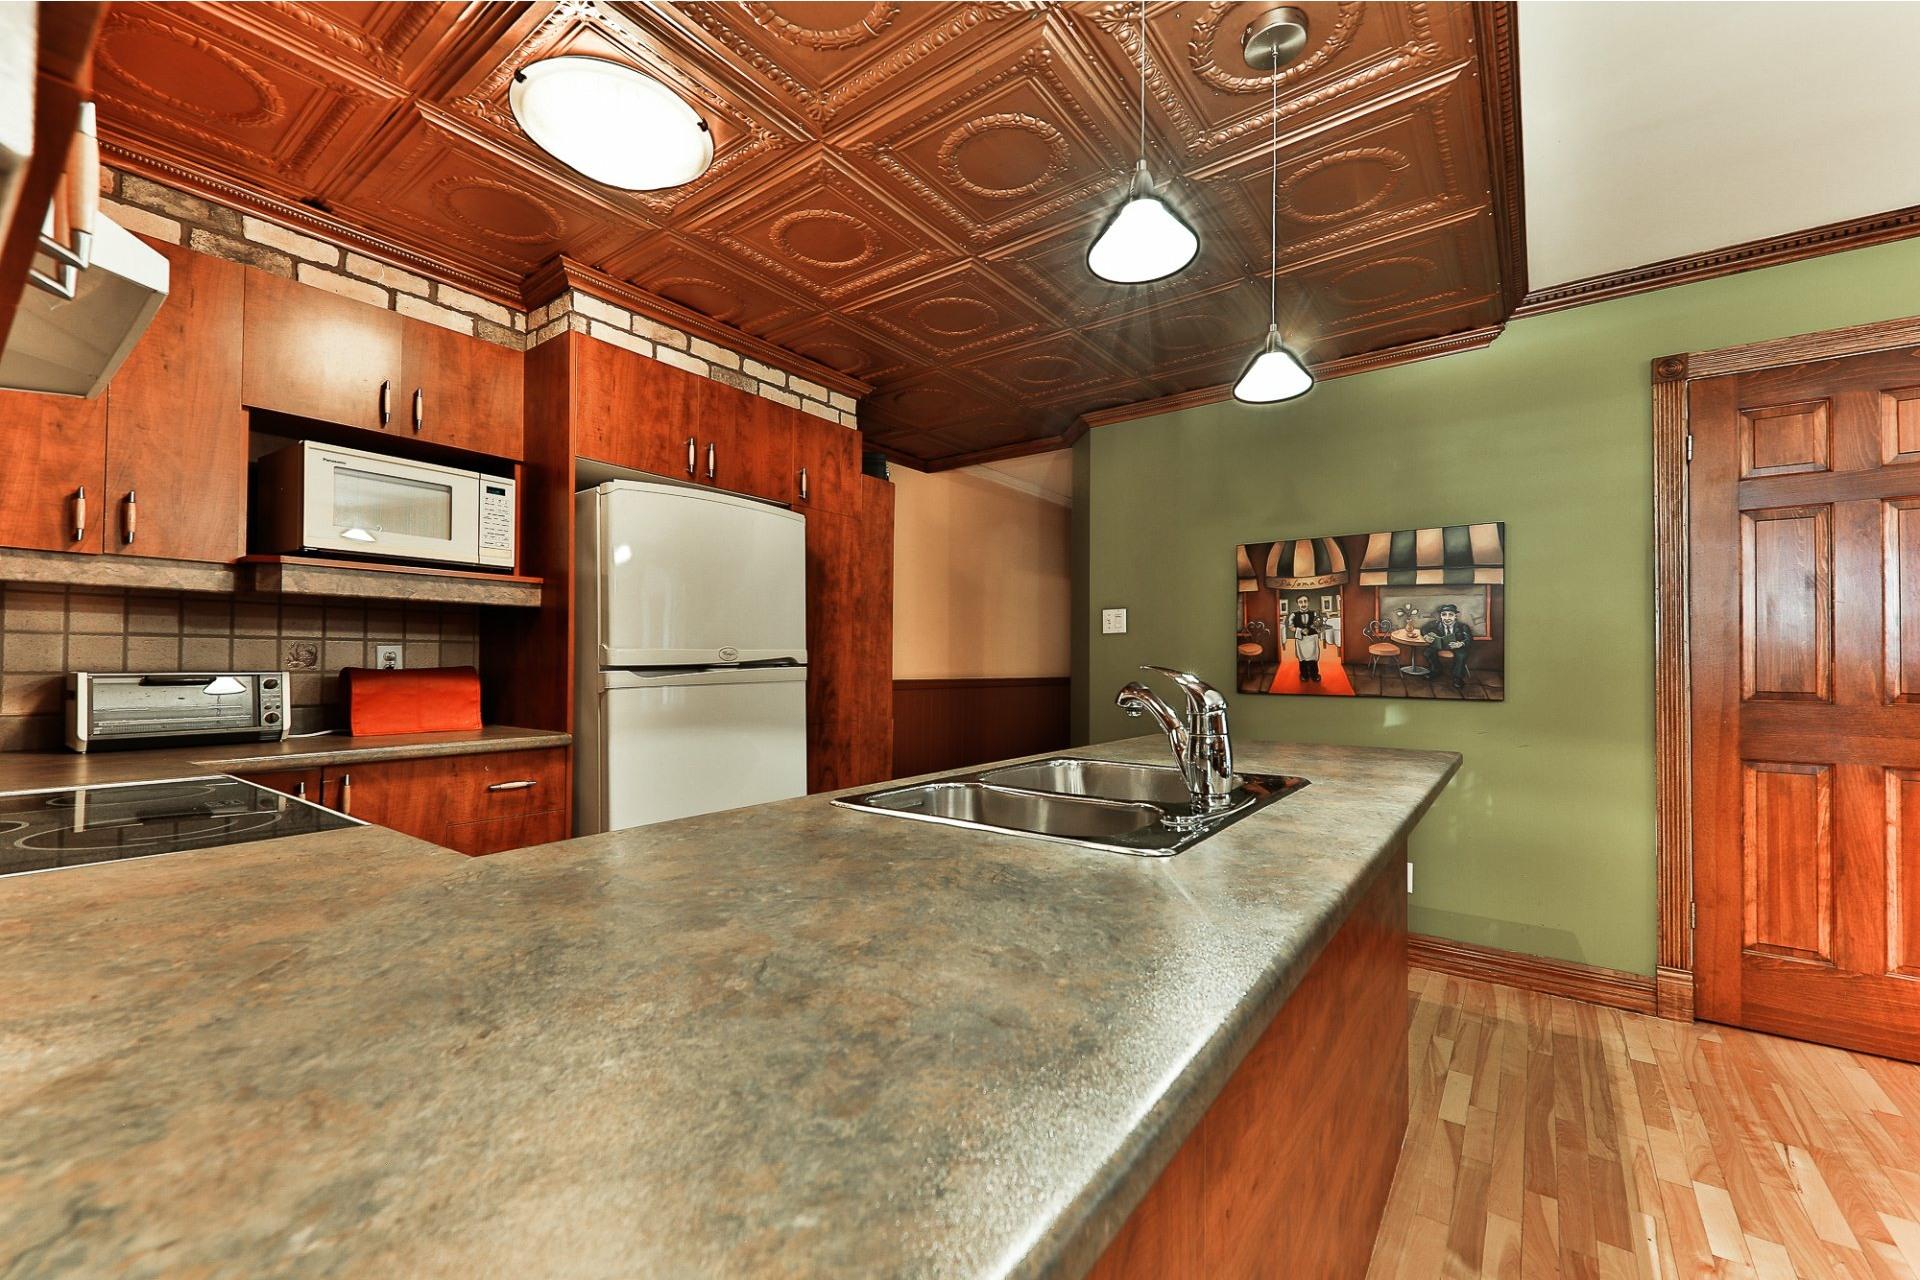 image 15 - Apartment For sale Villeray/Saint-Michel/Parc-Extension Montréal  - 6 rooms